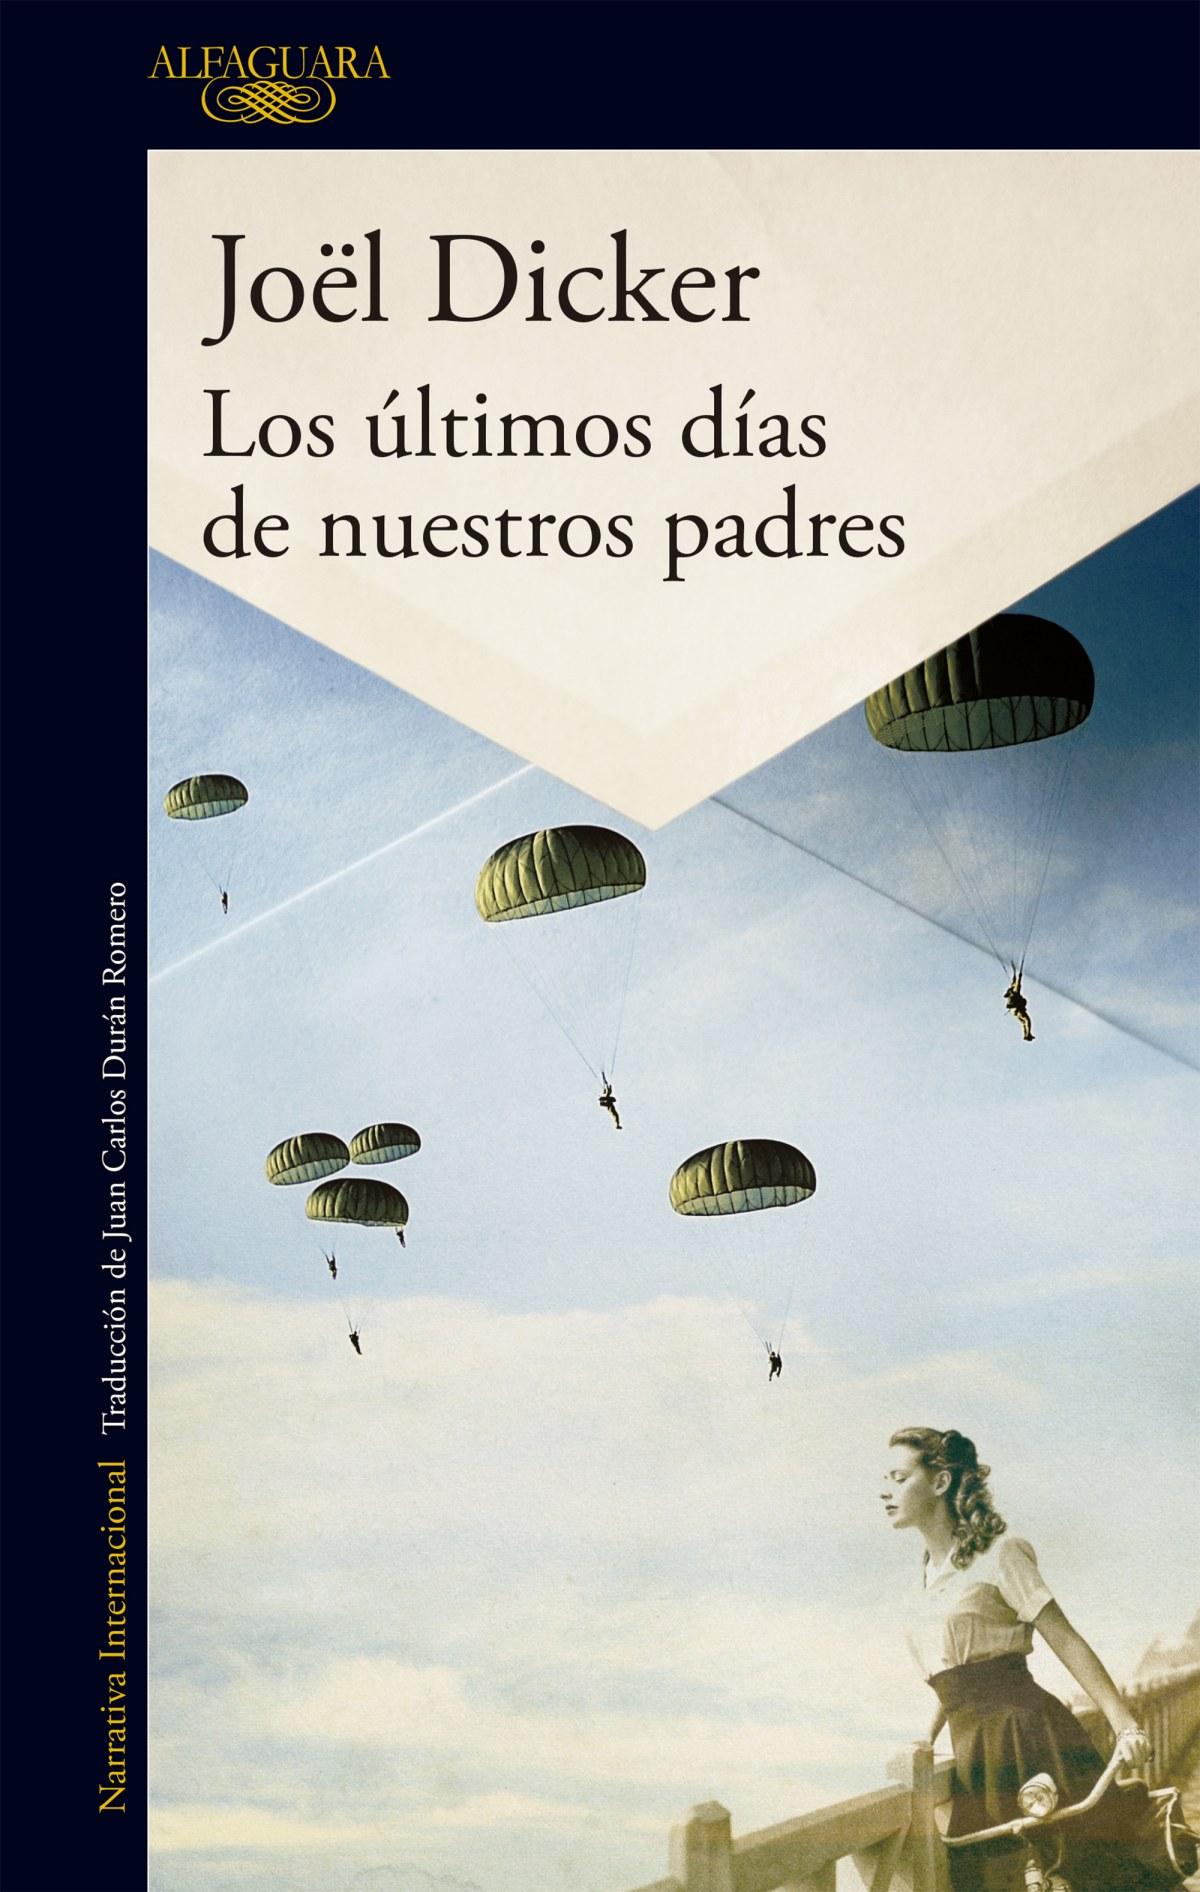 LOS ULTIMOS DIAS DE NUESTROS PADRES 9788420417219